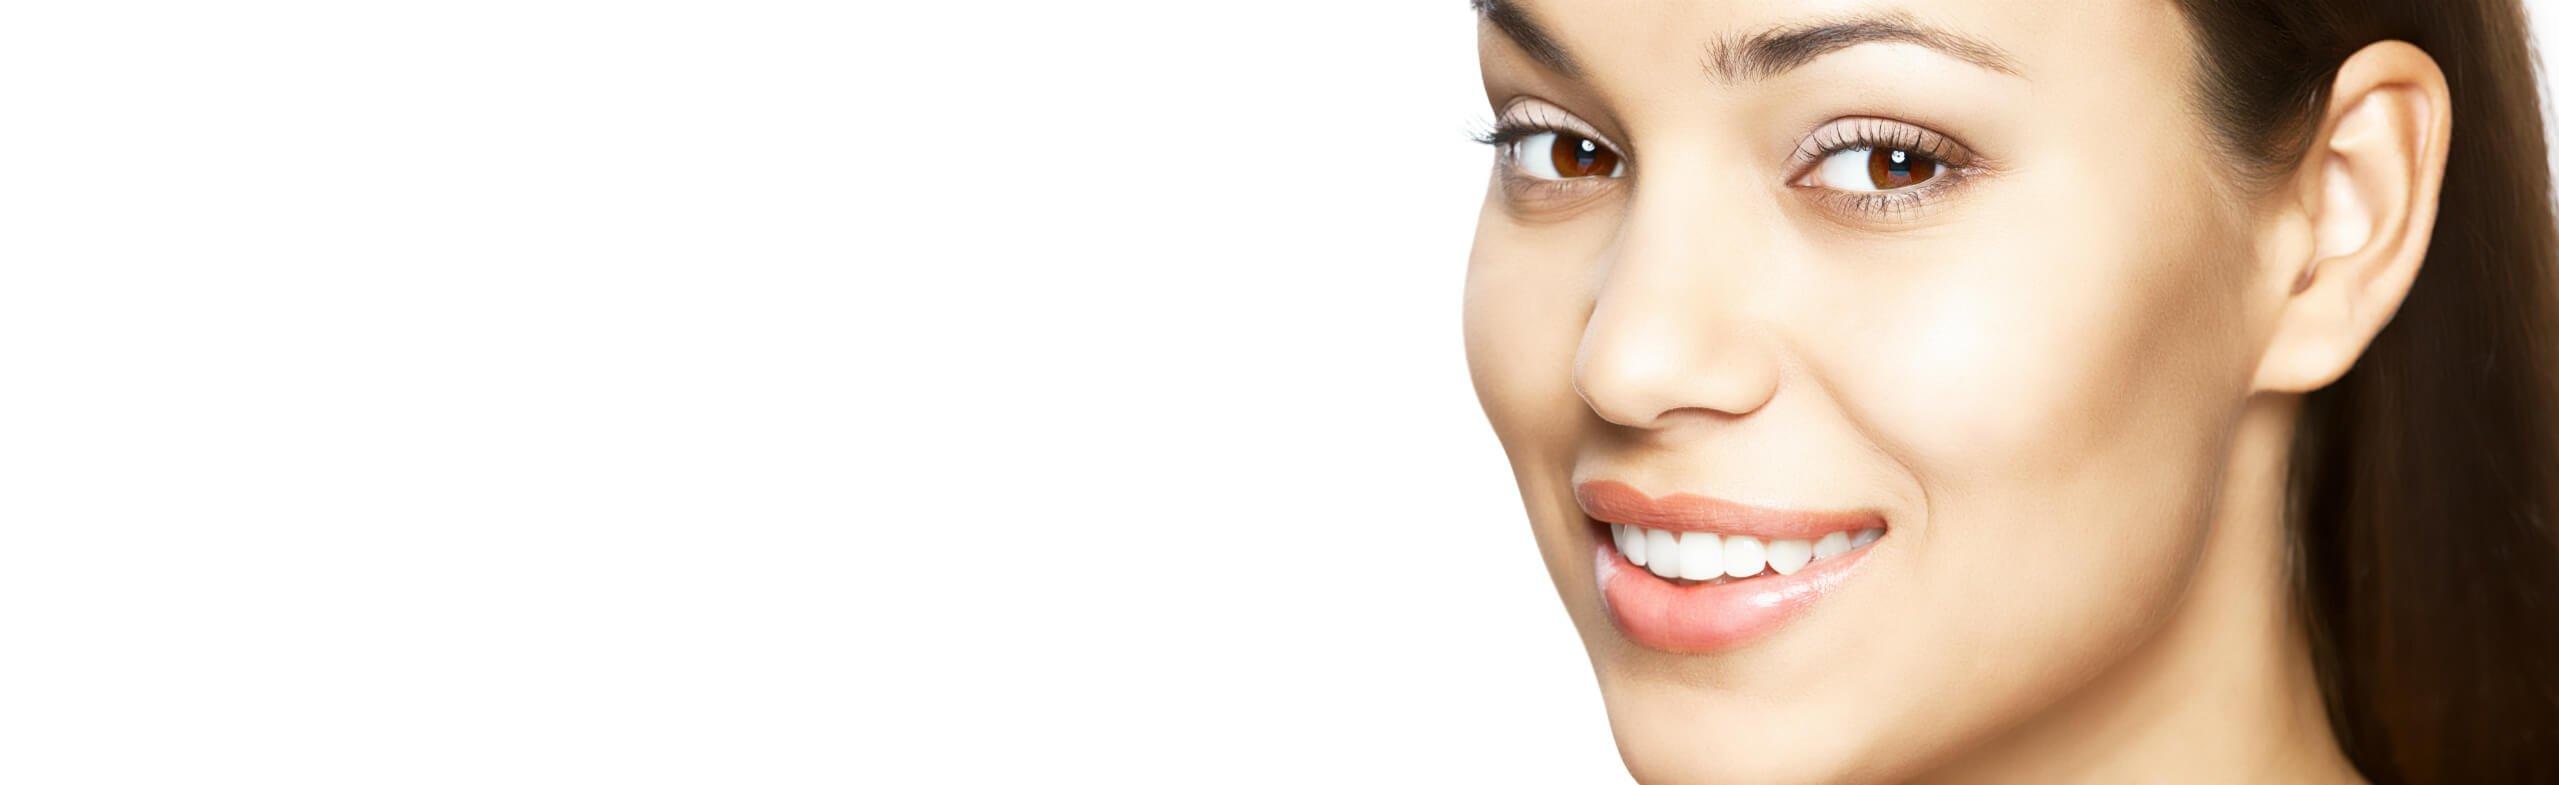 Ortodoncja / Orthodontics